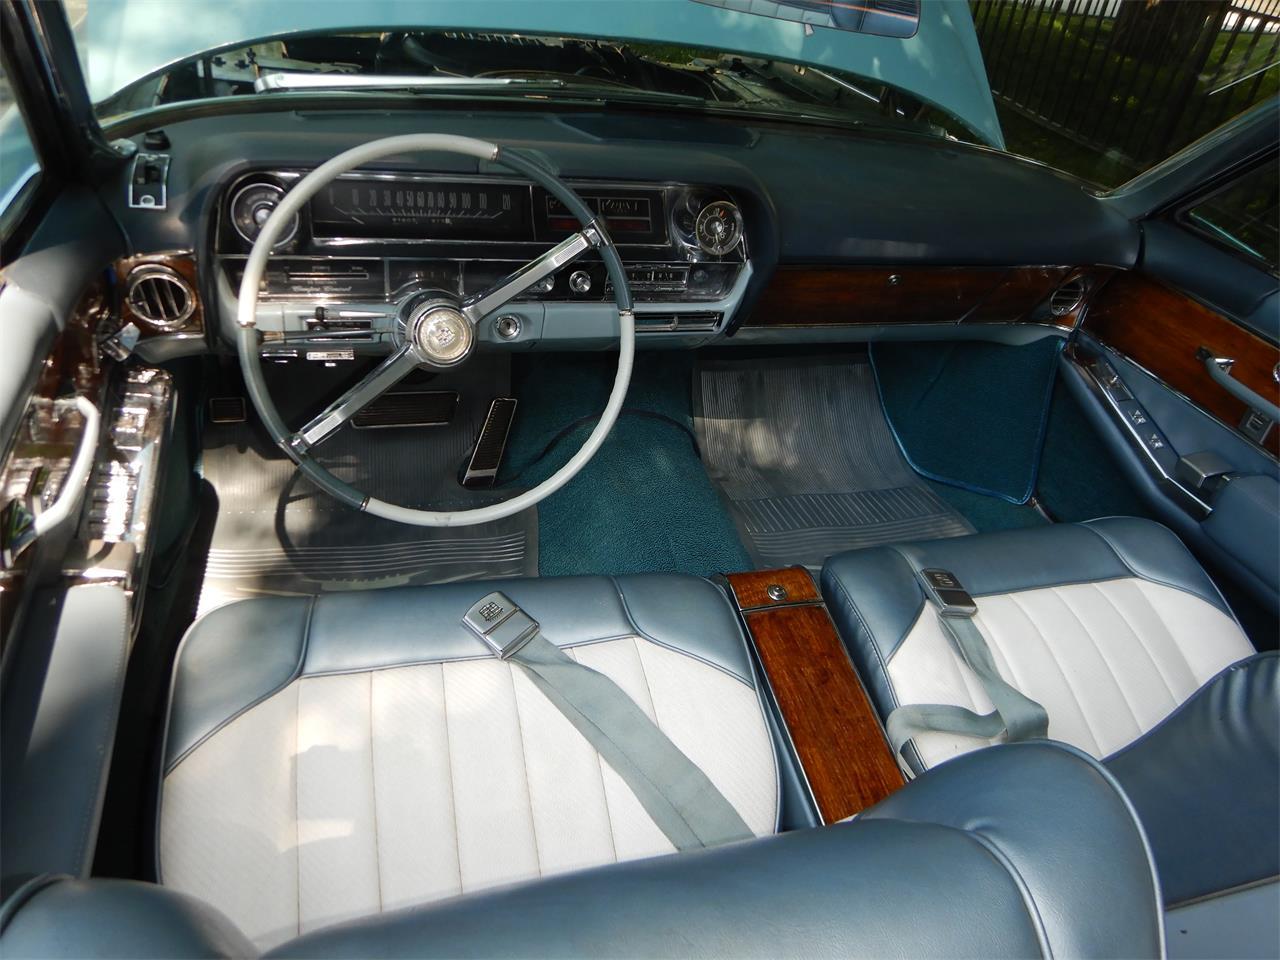 Large Picture of '64 Cadillac Eldorado Biarritz located in California - $28,500.00 - QBJQ